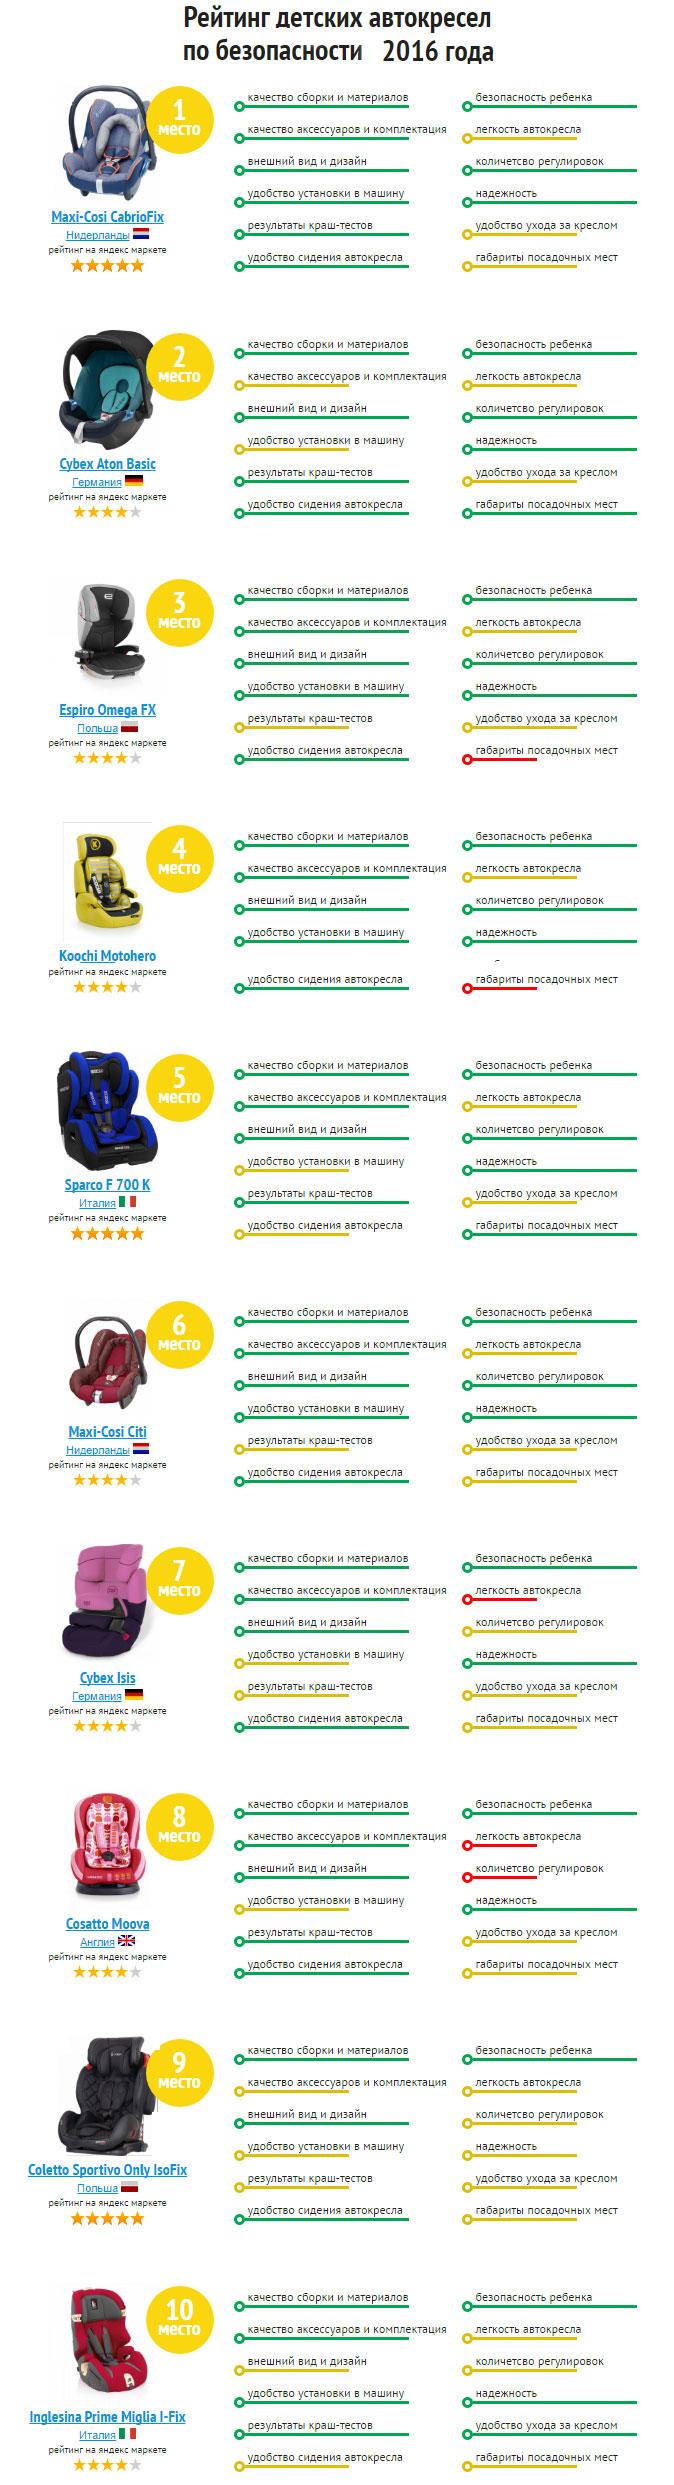 Автомобильные рейтинги : Рейтинг детских автокресел по безопасности 2016 (Инфографика)